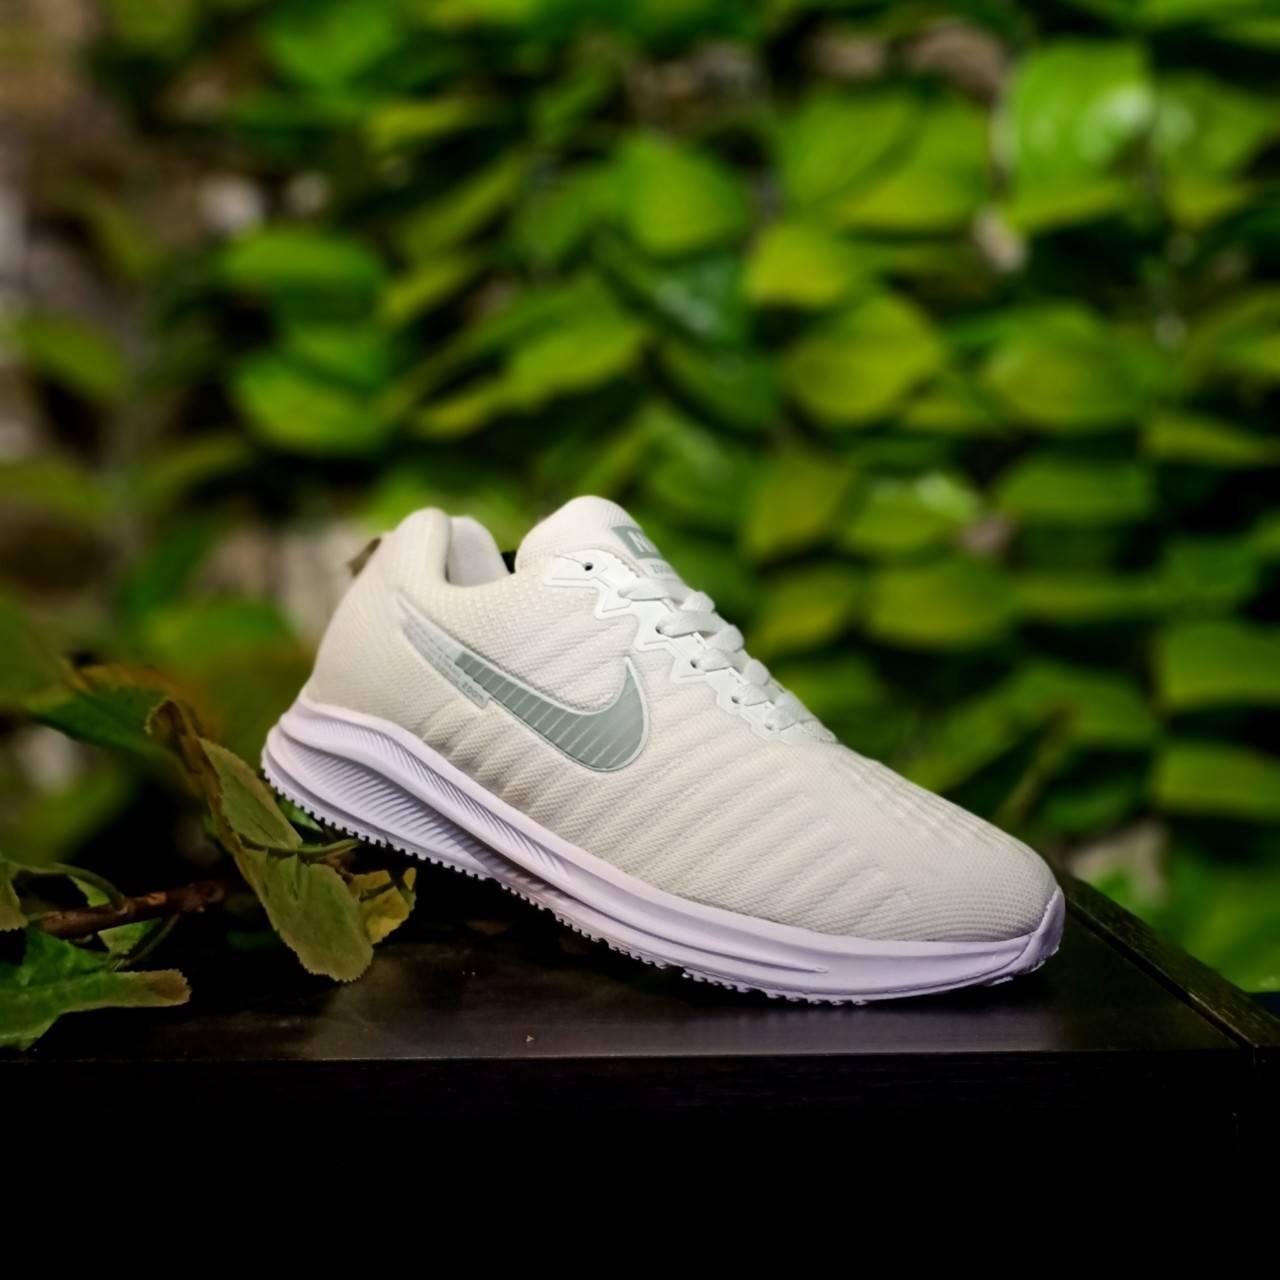 Sepatu Sneakers Pria Made in Vietnam Running Joging Dan Gaya_Nike001 Zoom_Pegasus Putih Polos Favorit Trend Masa Kini Harga Murah